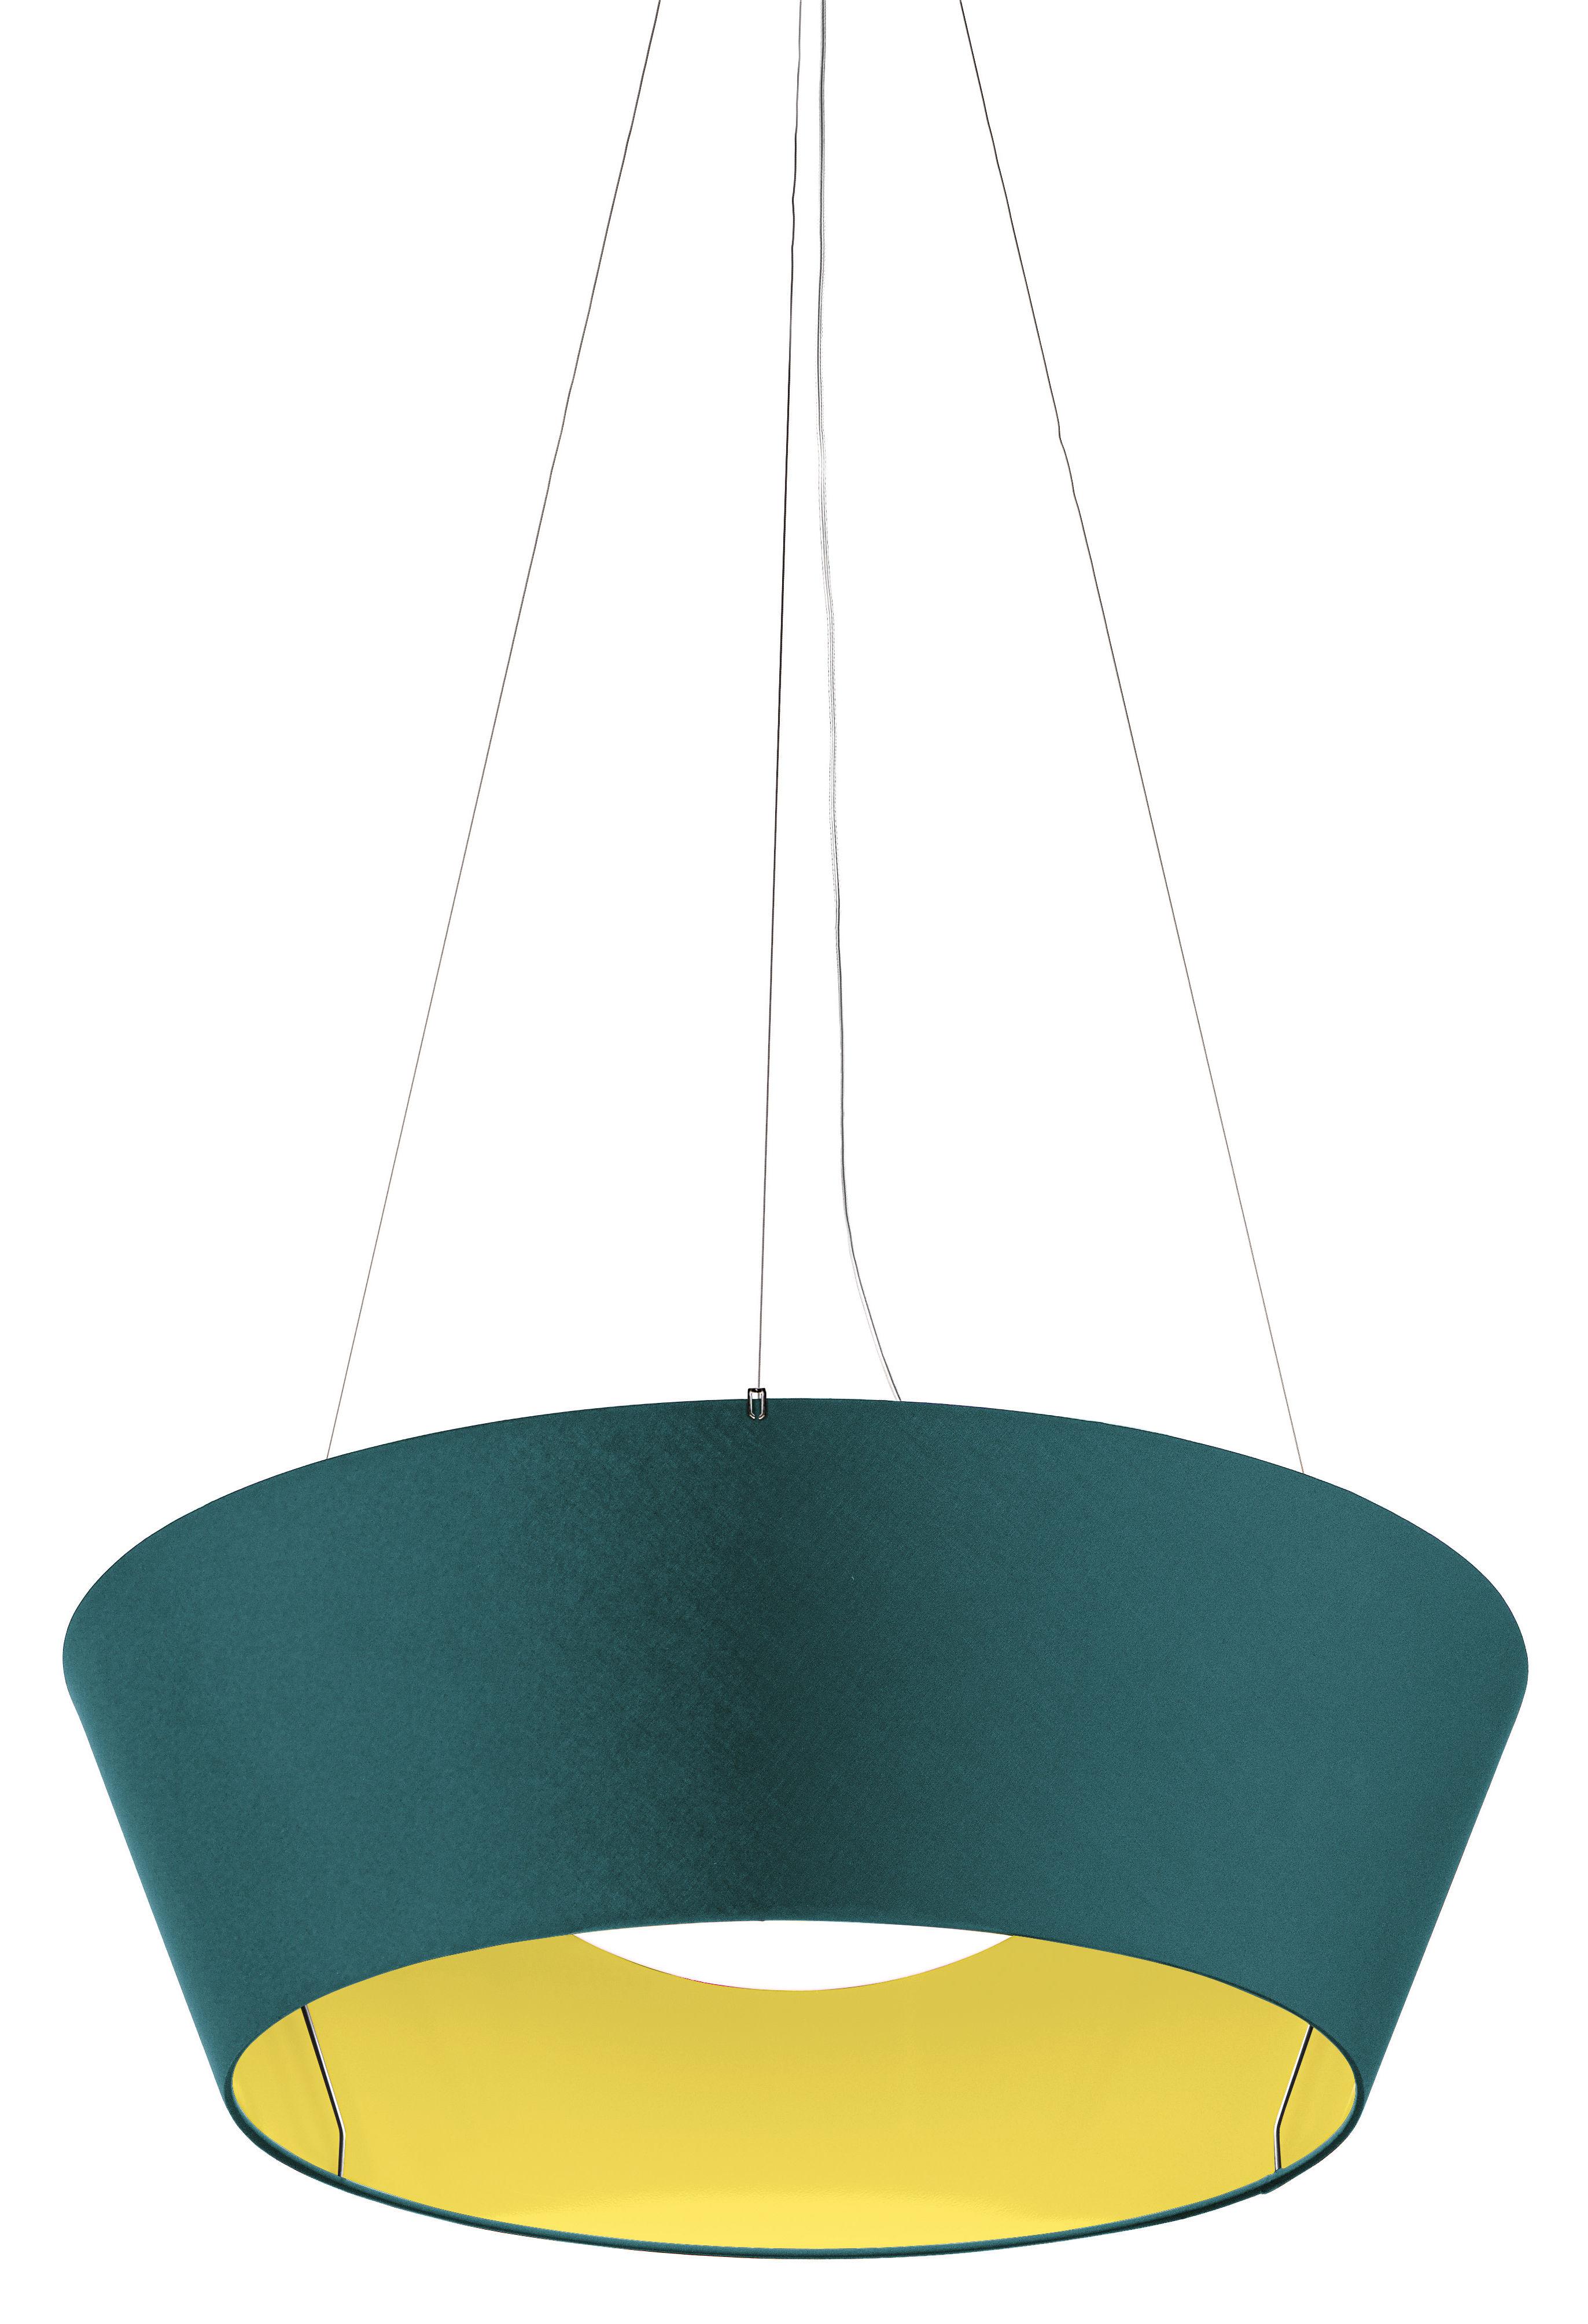 Luminaire - Suspensions - Suspension Reverse LED / Ø 60 cm - Modoluce - Bleu / Intérieur jaune - Coton